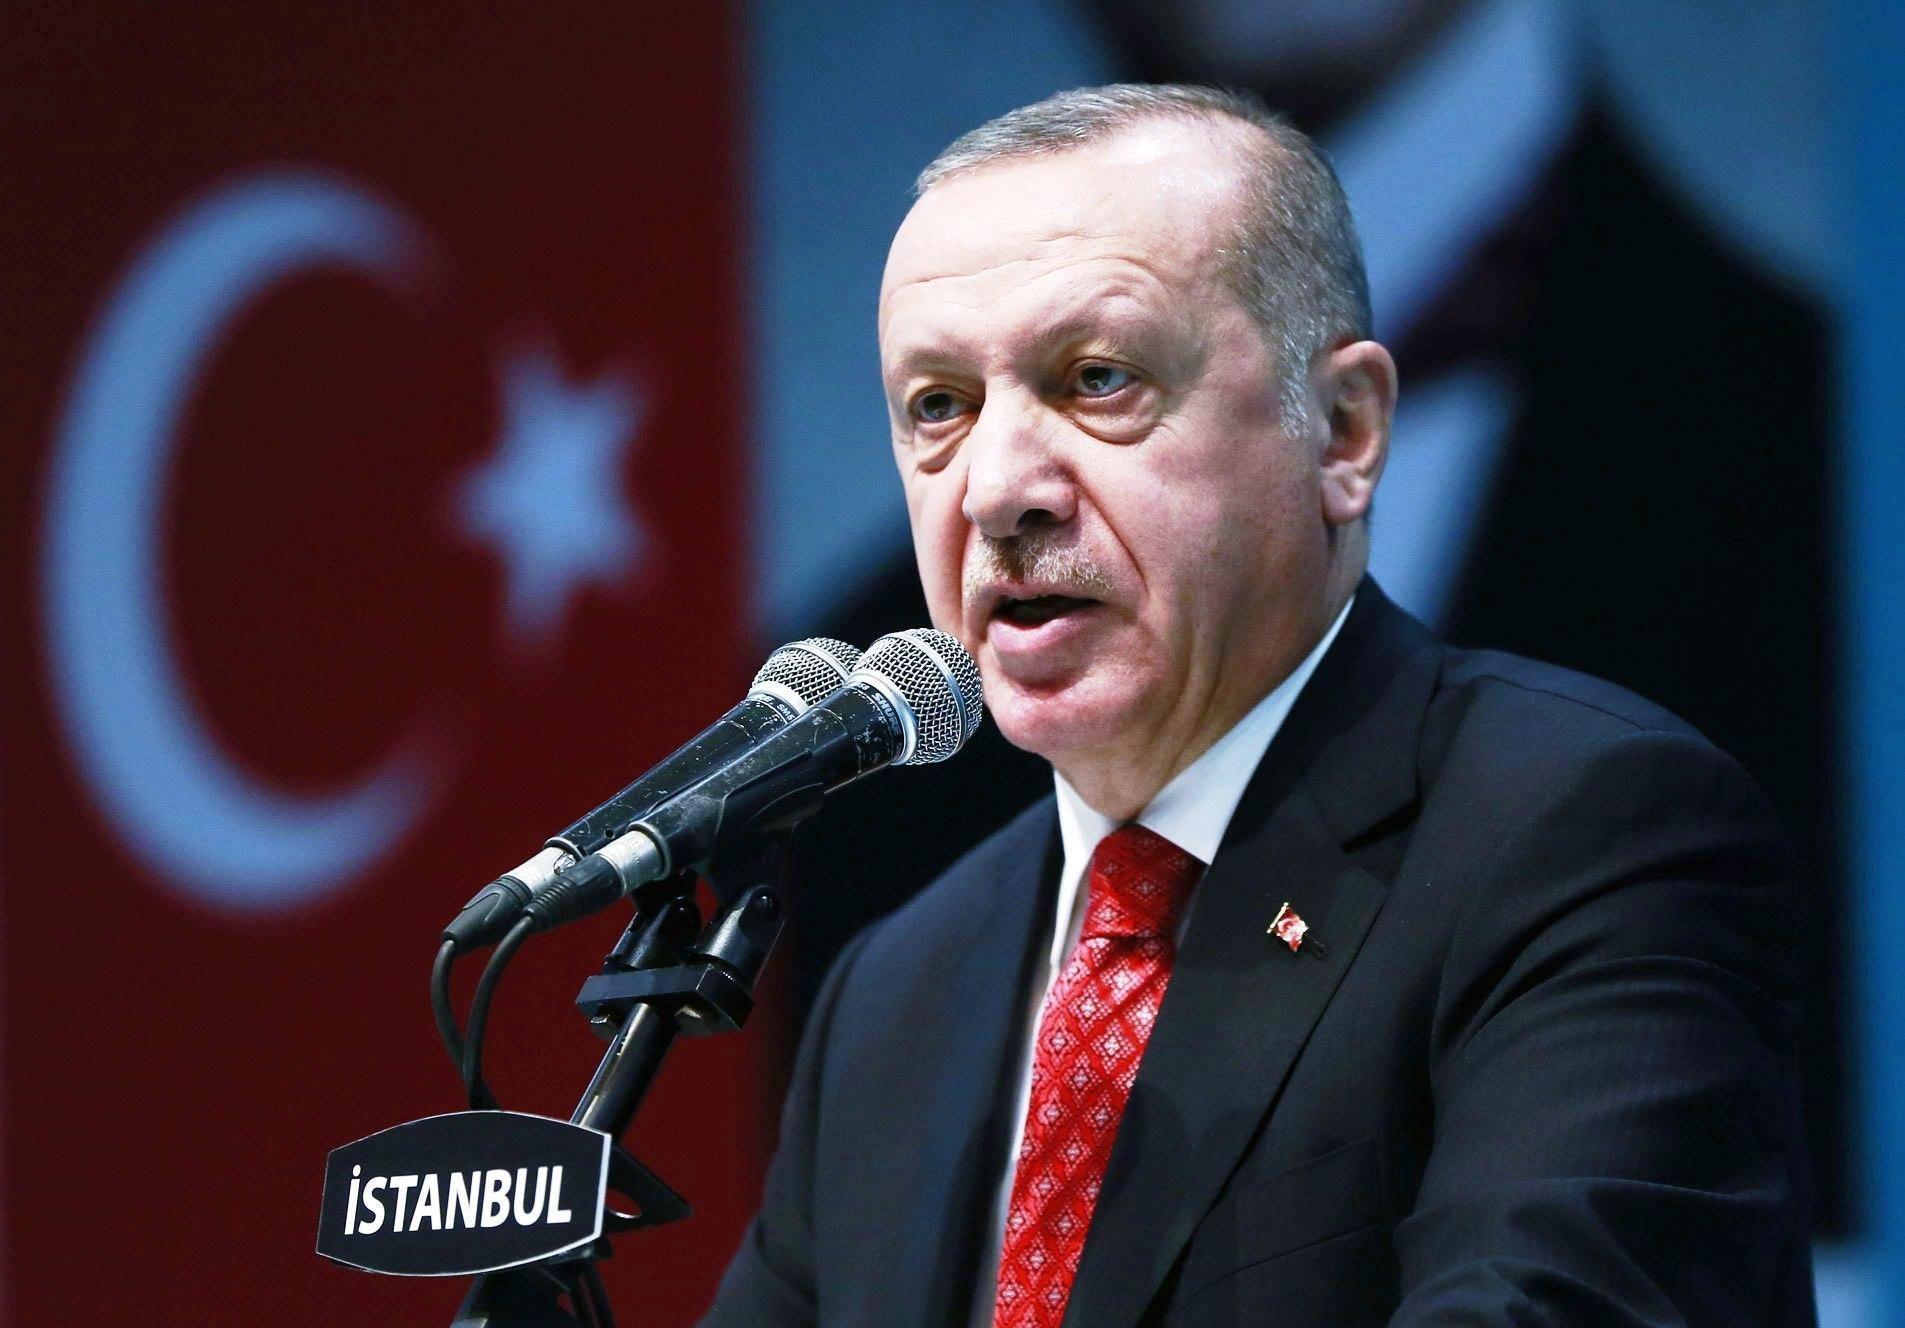 رجب طيب إردوغان: الاتحاد الأوروبي لم يكن نزيهاً معنا ولم يفِ بوعوده